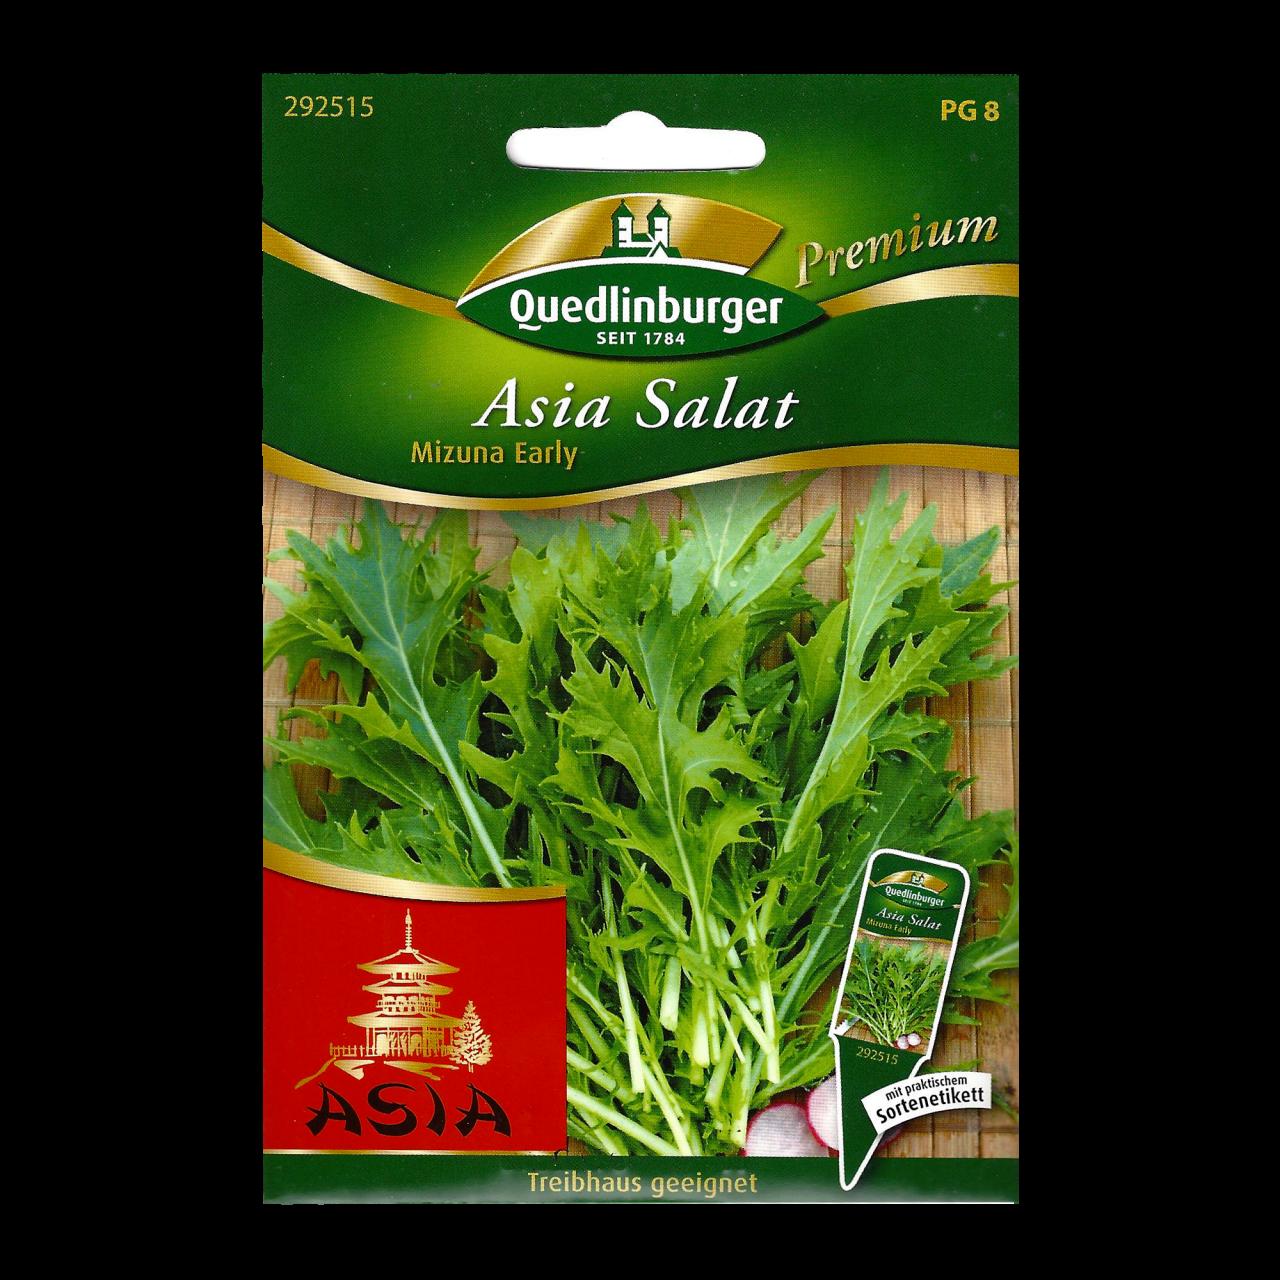 Quedlinburger Saatgut Asia Salat Premium Vorderseite